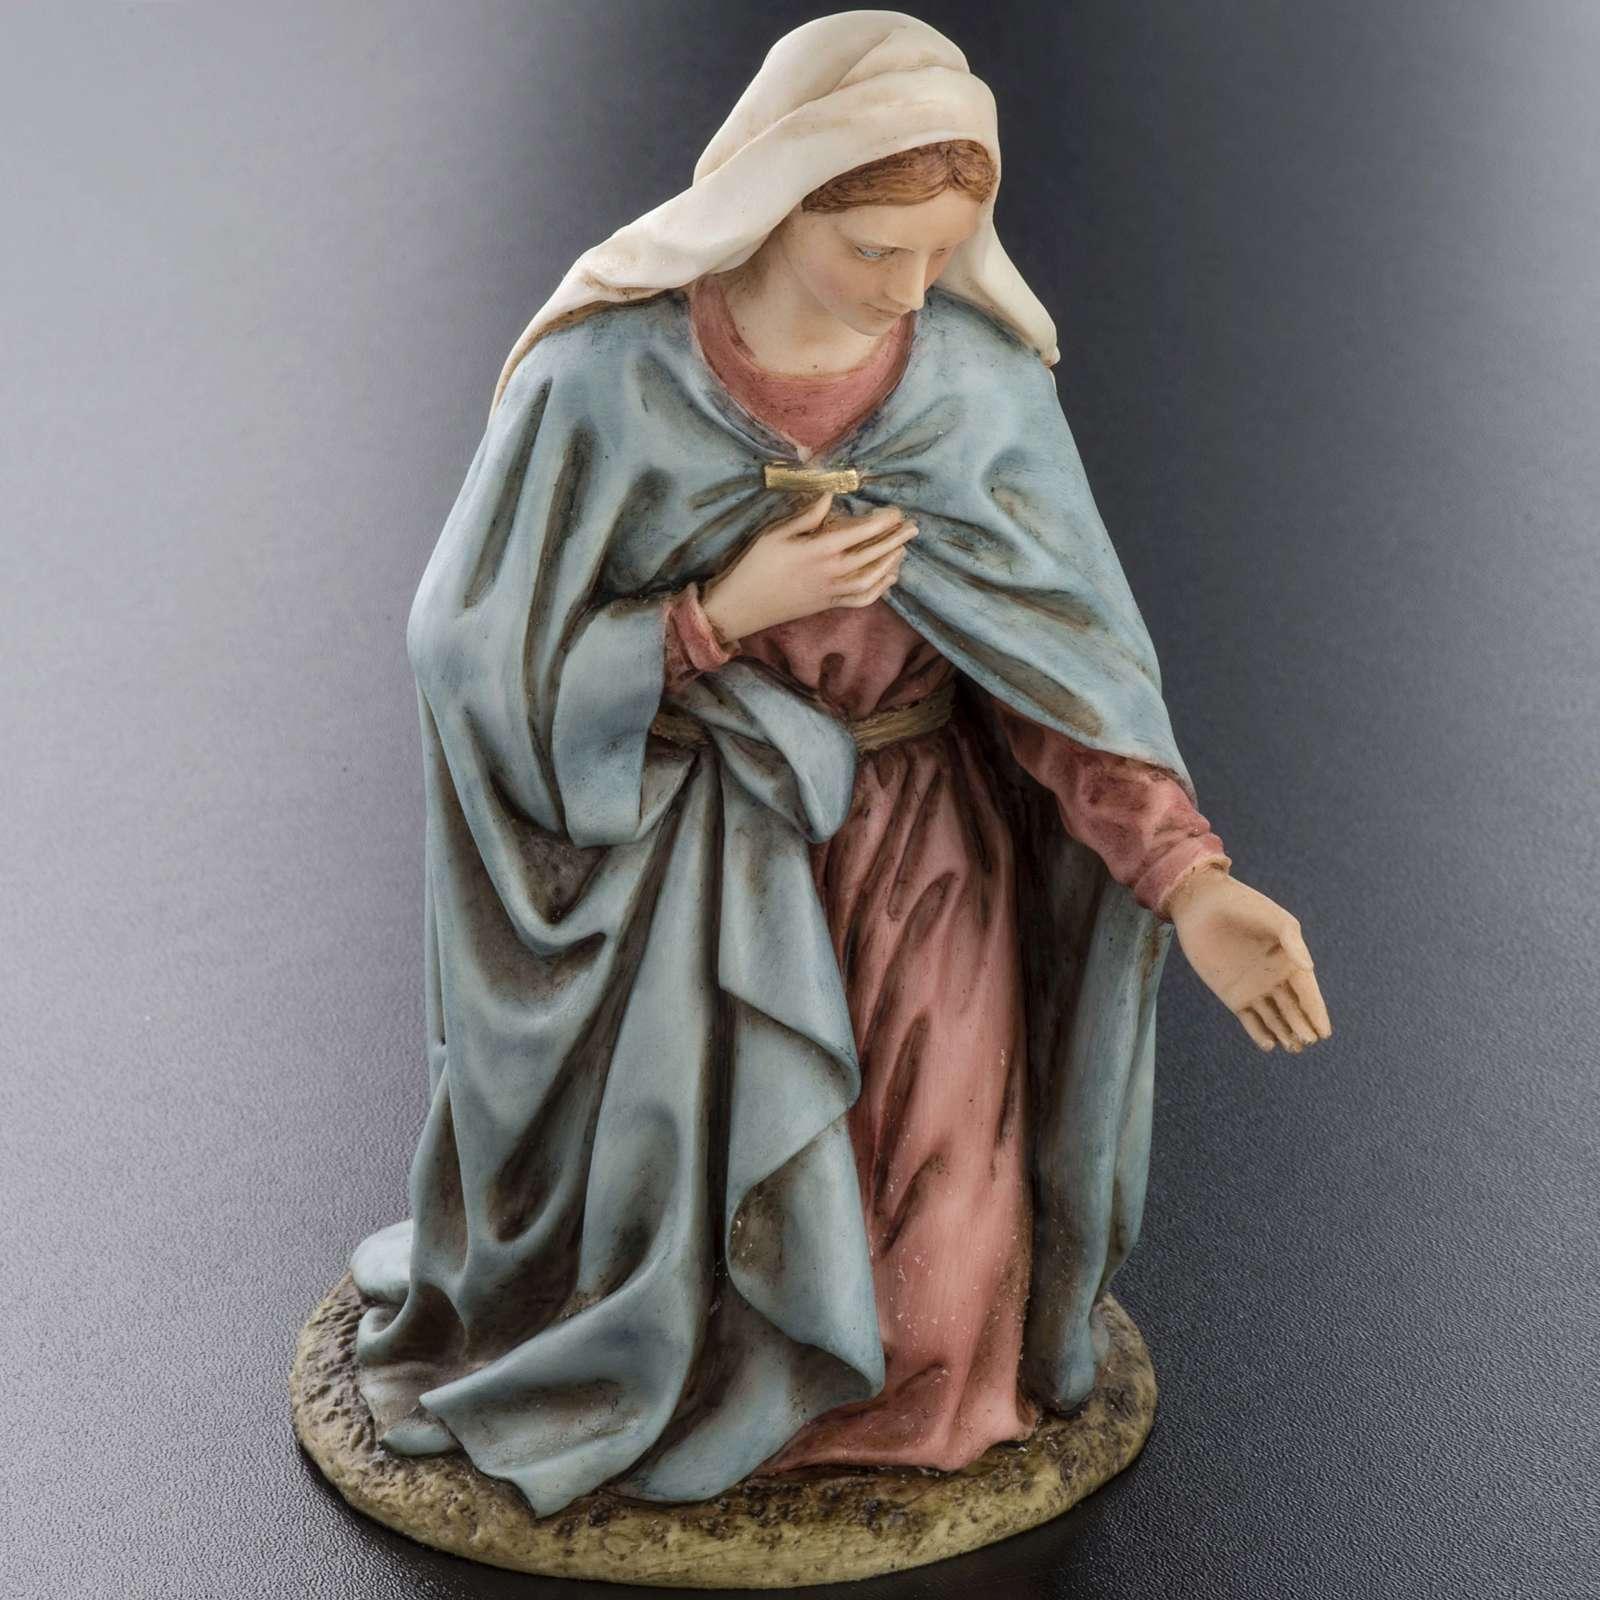 Sagrada Familia 18cm, Landi 3